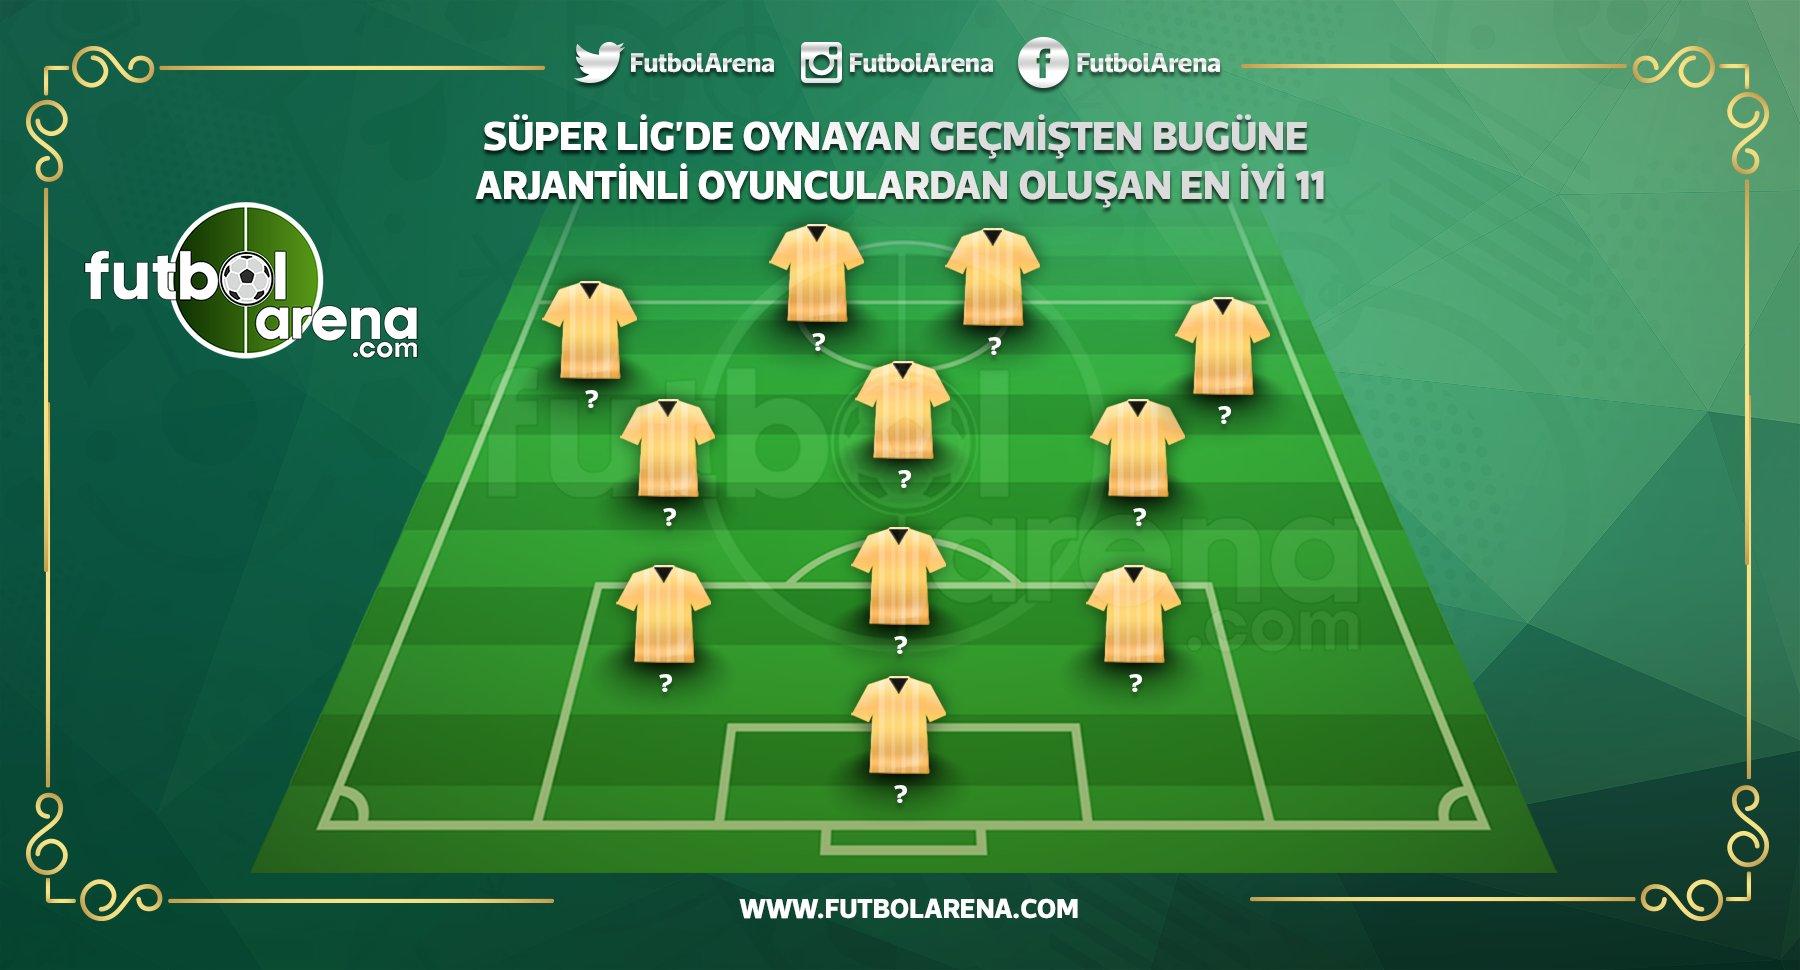 Süper Lig'de oynayan geçmişten bugüne Arjantinli oyunculardan oluşan en iyi 11